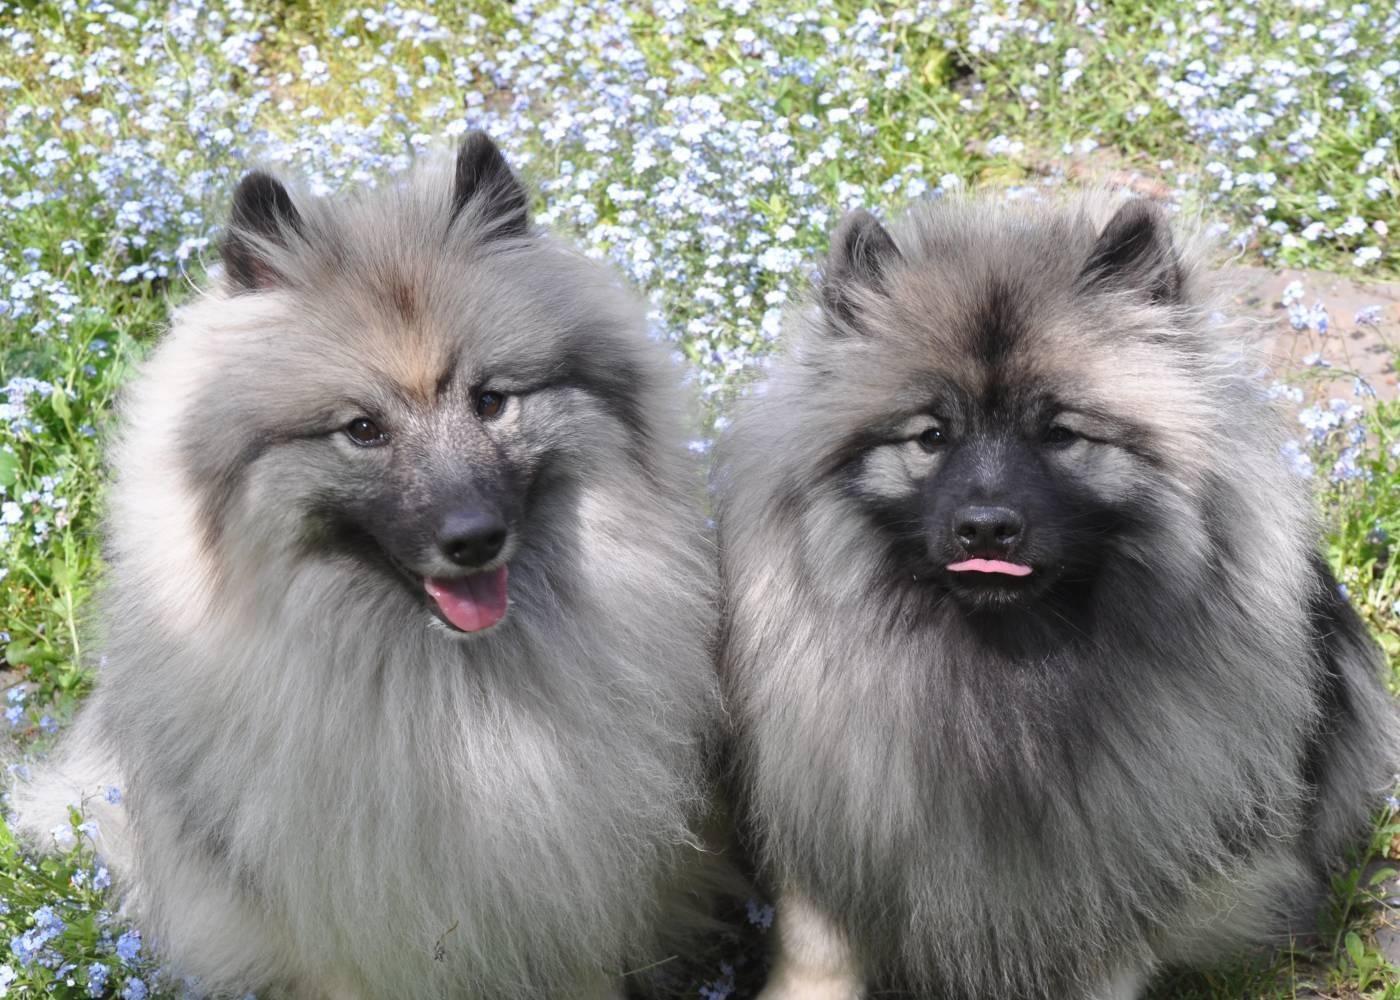 Кеесхонд (64 фото): описание породы собак немецкий вольфшпиц, характер щенков, содержание в квартире и уход, характеристика волчьего окраса